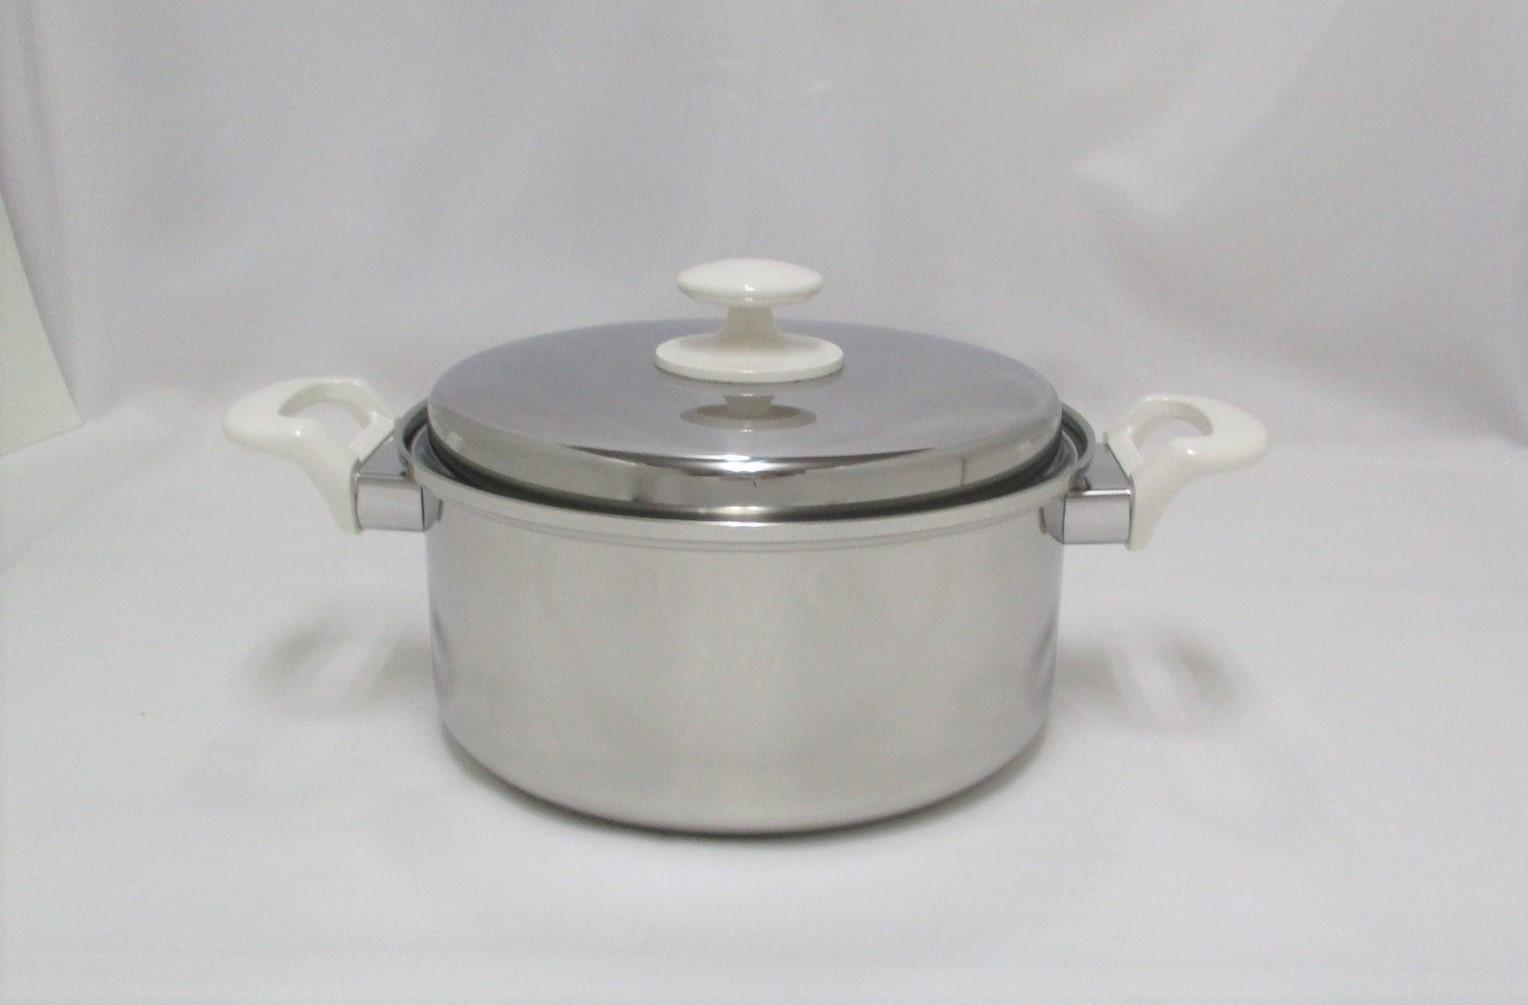 三層鋼両手鍋22cm CS015002